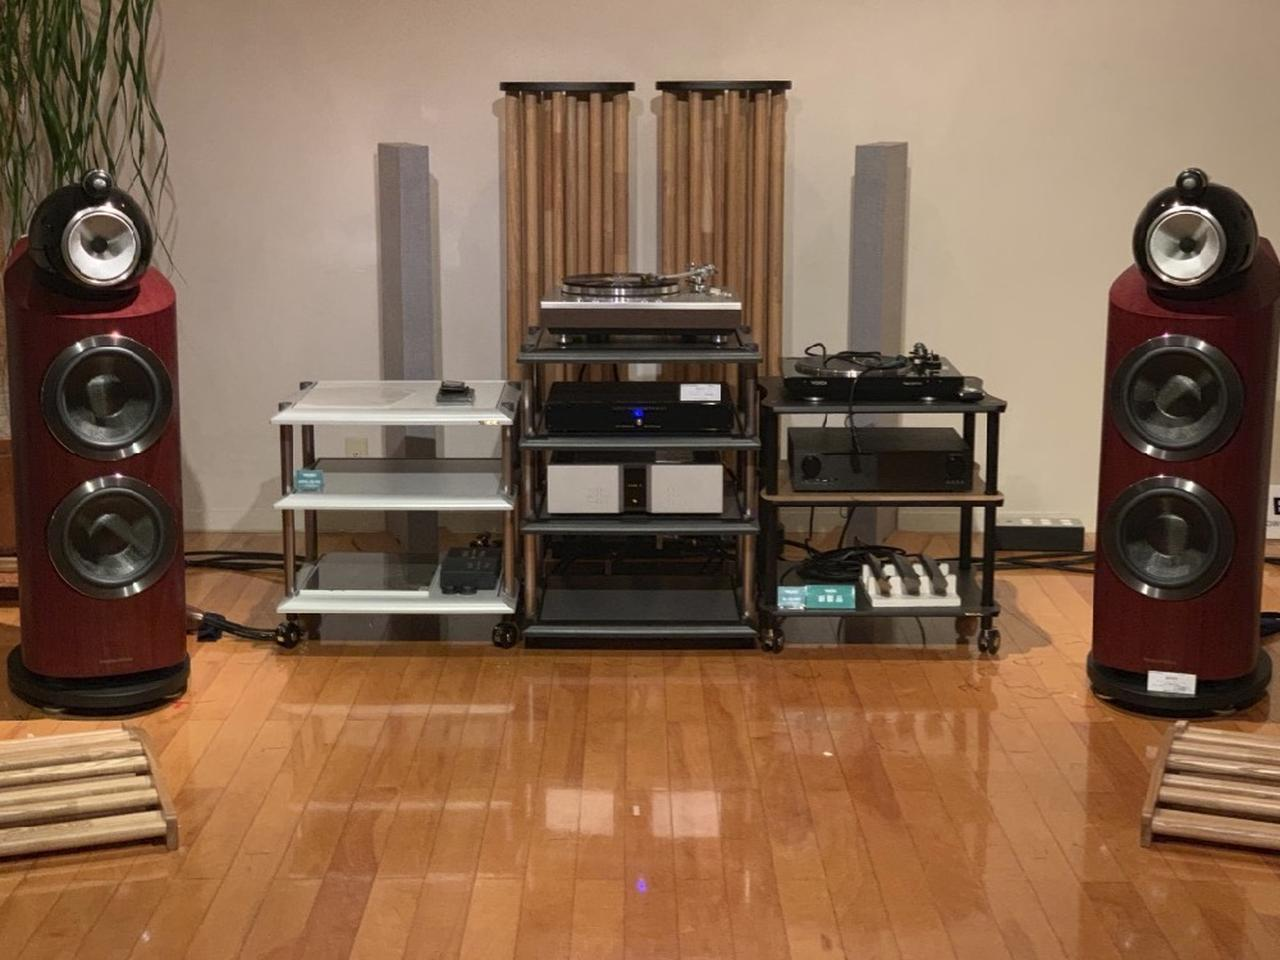 画像: WE4700の試聴で使われるオーディオシステム。先ほど、音の最終調整が終了。とてもいい音に仕上がった